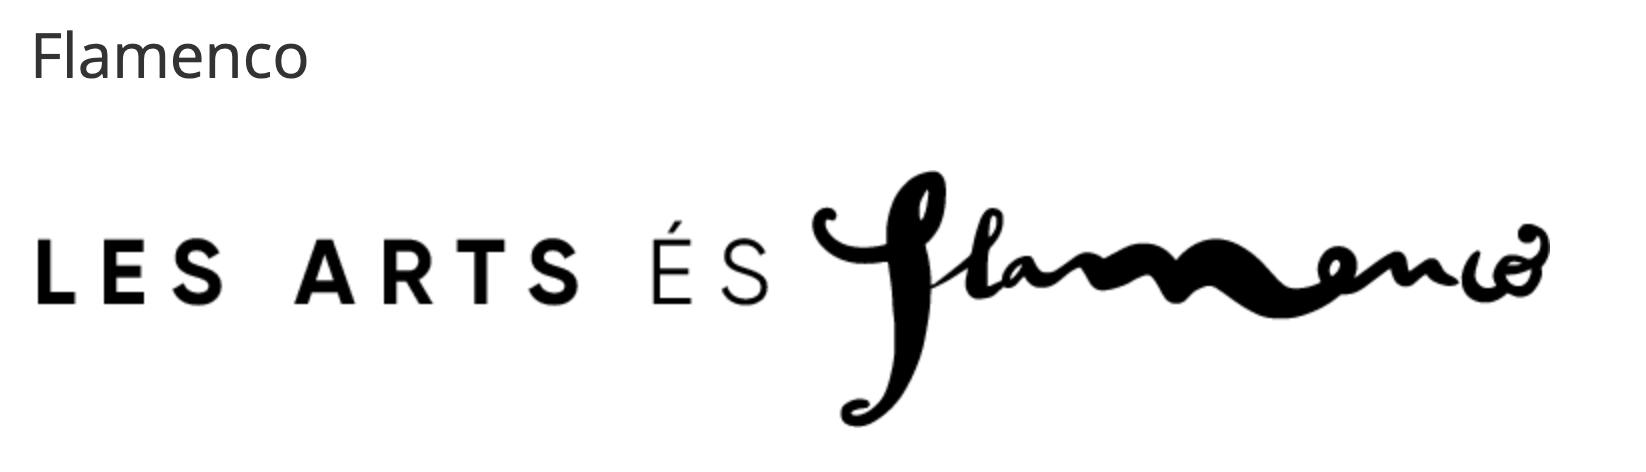 Les Arts és Flamenco